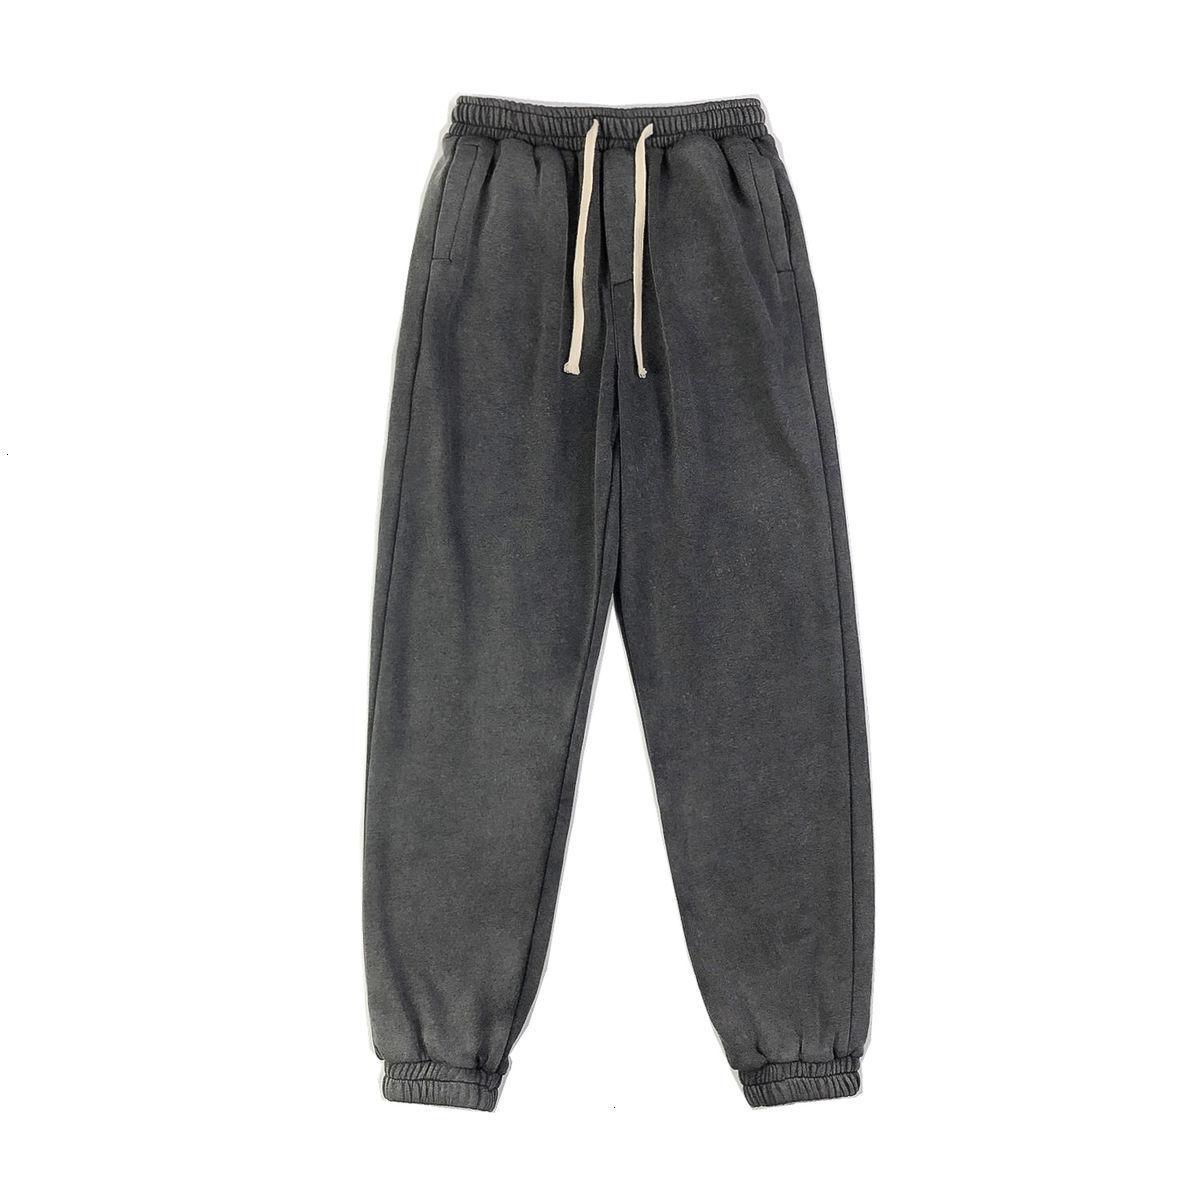 Pantolon 2021 erkek Yeni Sezon Yalın Sheer Spor Harlan Pantolon Uzun Eğlence Gençlik Giysileri 2de2